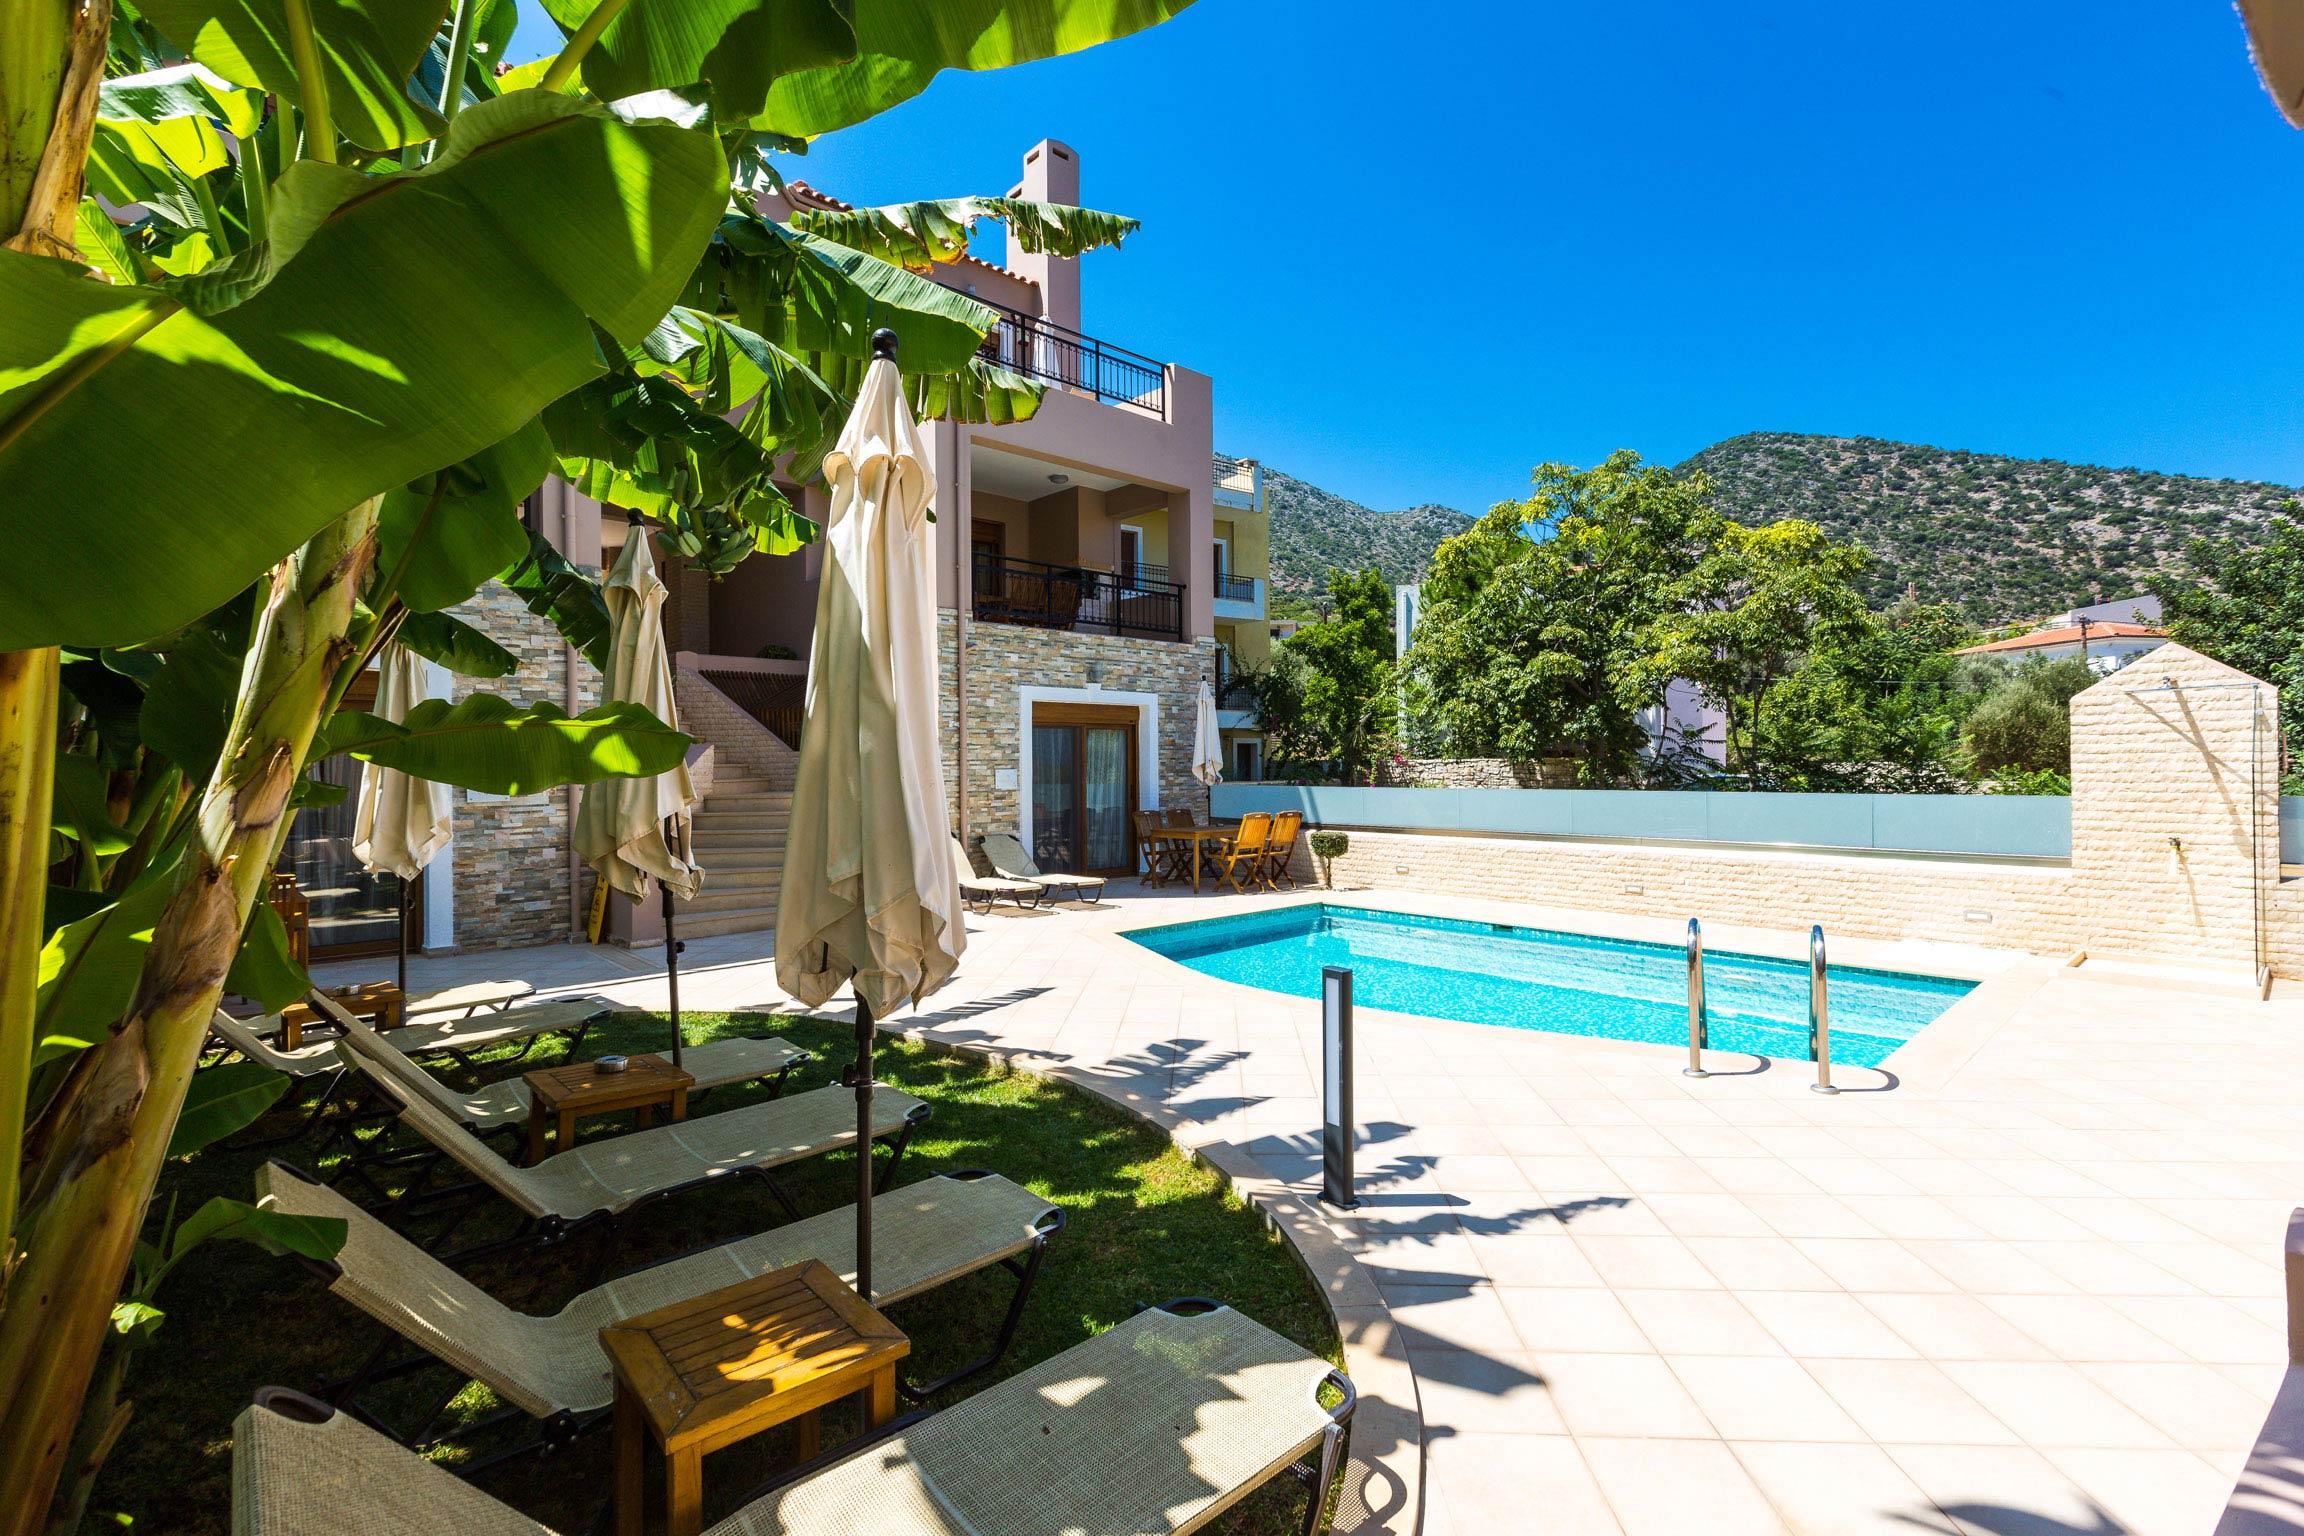 Ferienhaus Diese Villa auf zwei Ebenen ist der perfekte Ort, um in Rethymnon auf Kreta weh zu bleiben (2623387), Roumeli, Kreta Nordküste, Kreta, Griechenland, Bild 9